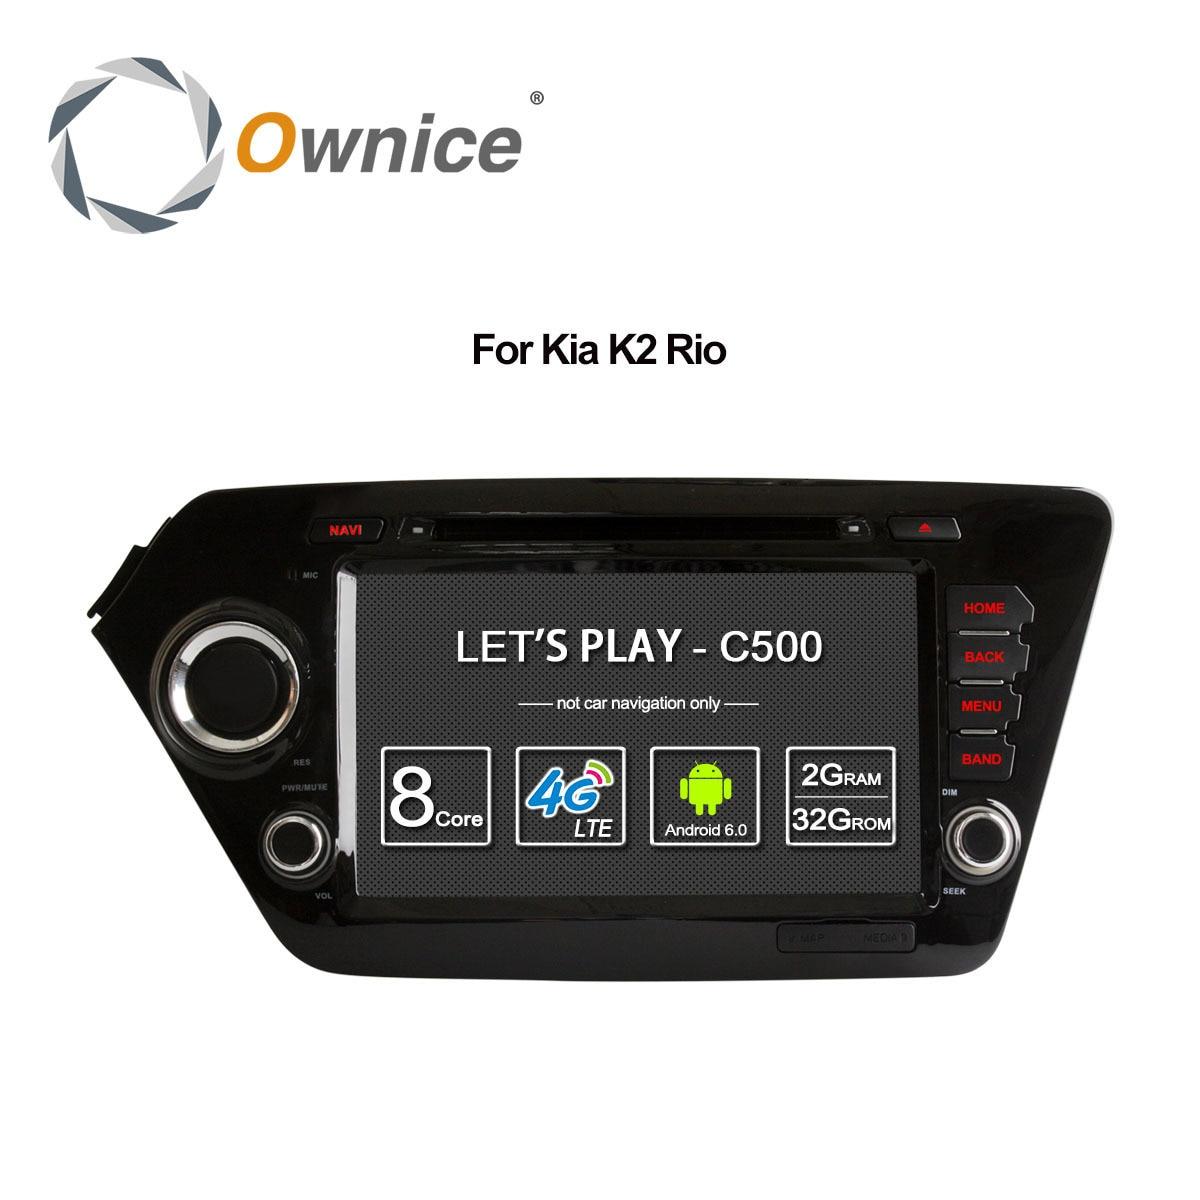 Ownice Android 6.0 Octa 8 Core 2 GB RAM pour Kia k2 RIO 2010-2015 lecteur dvd de voiture GPS Navi Support 4G LTE réseau DAB + DVR TPMS